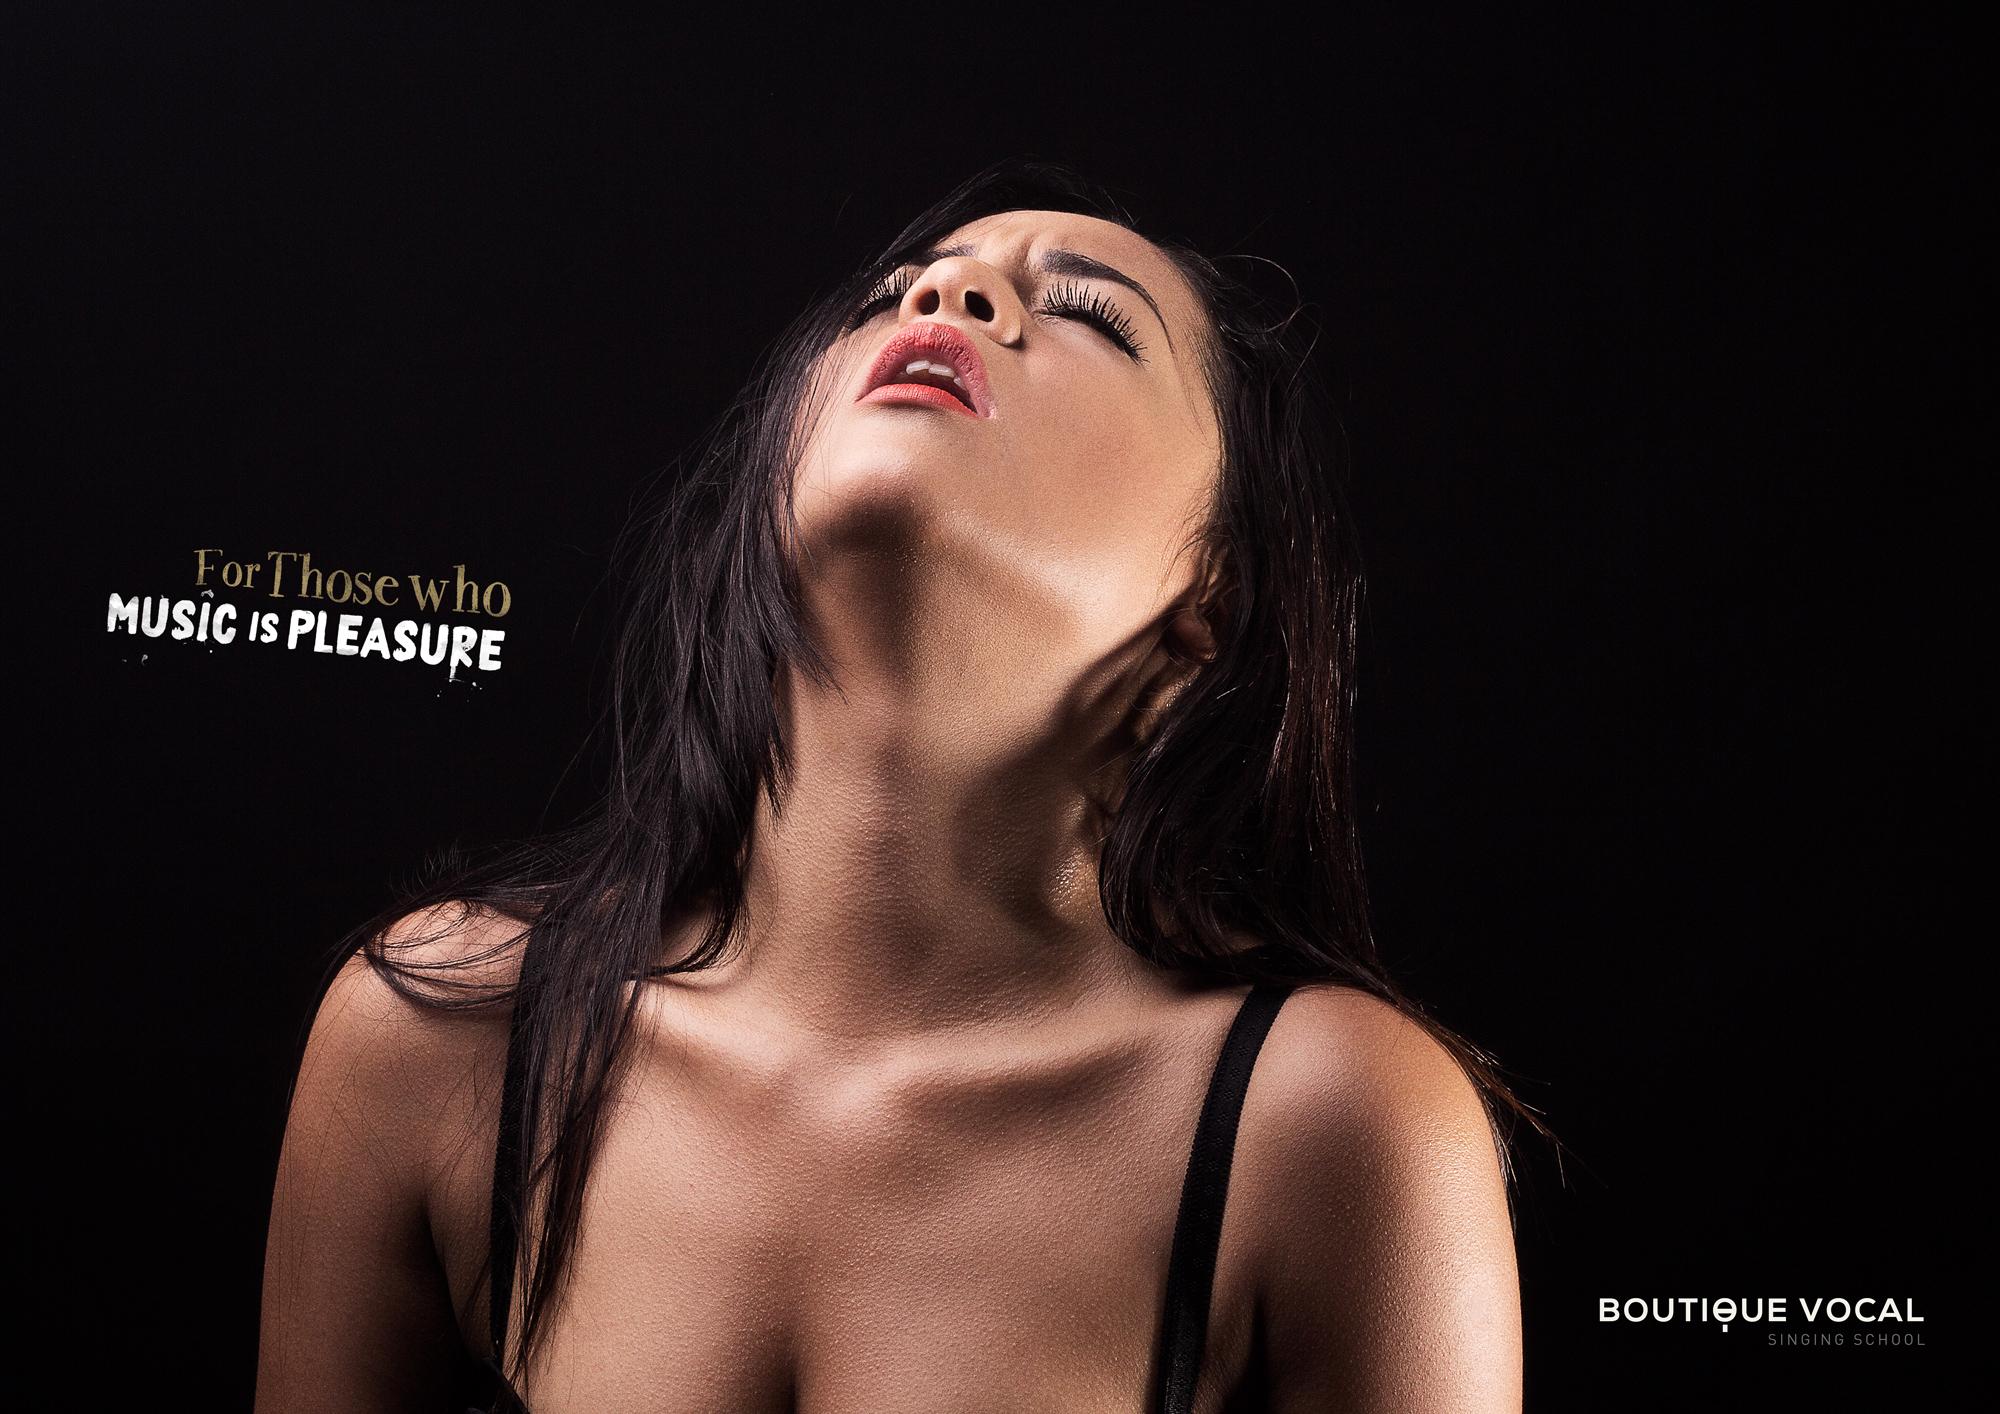 Latino nude model